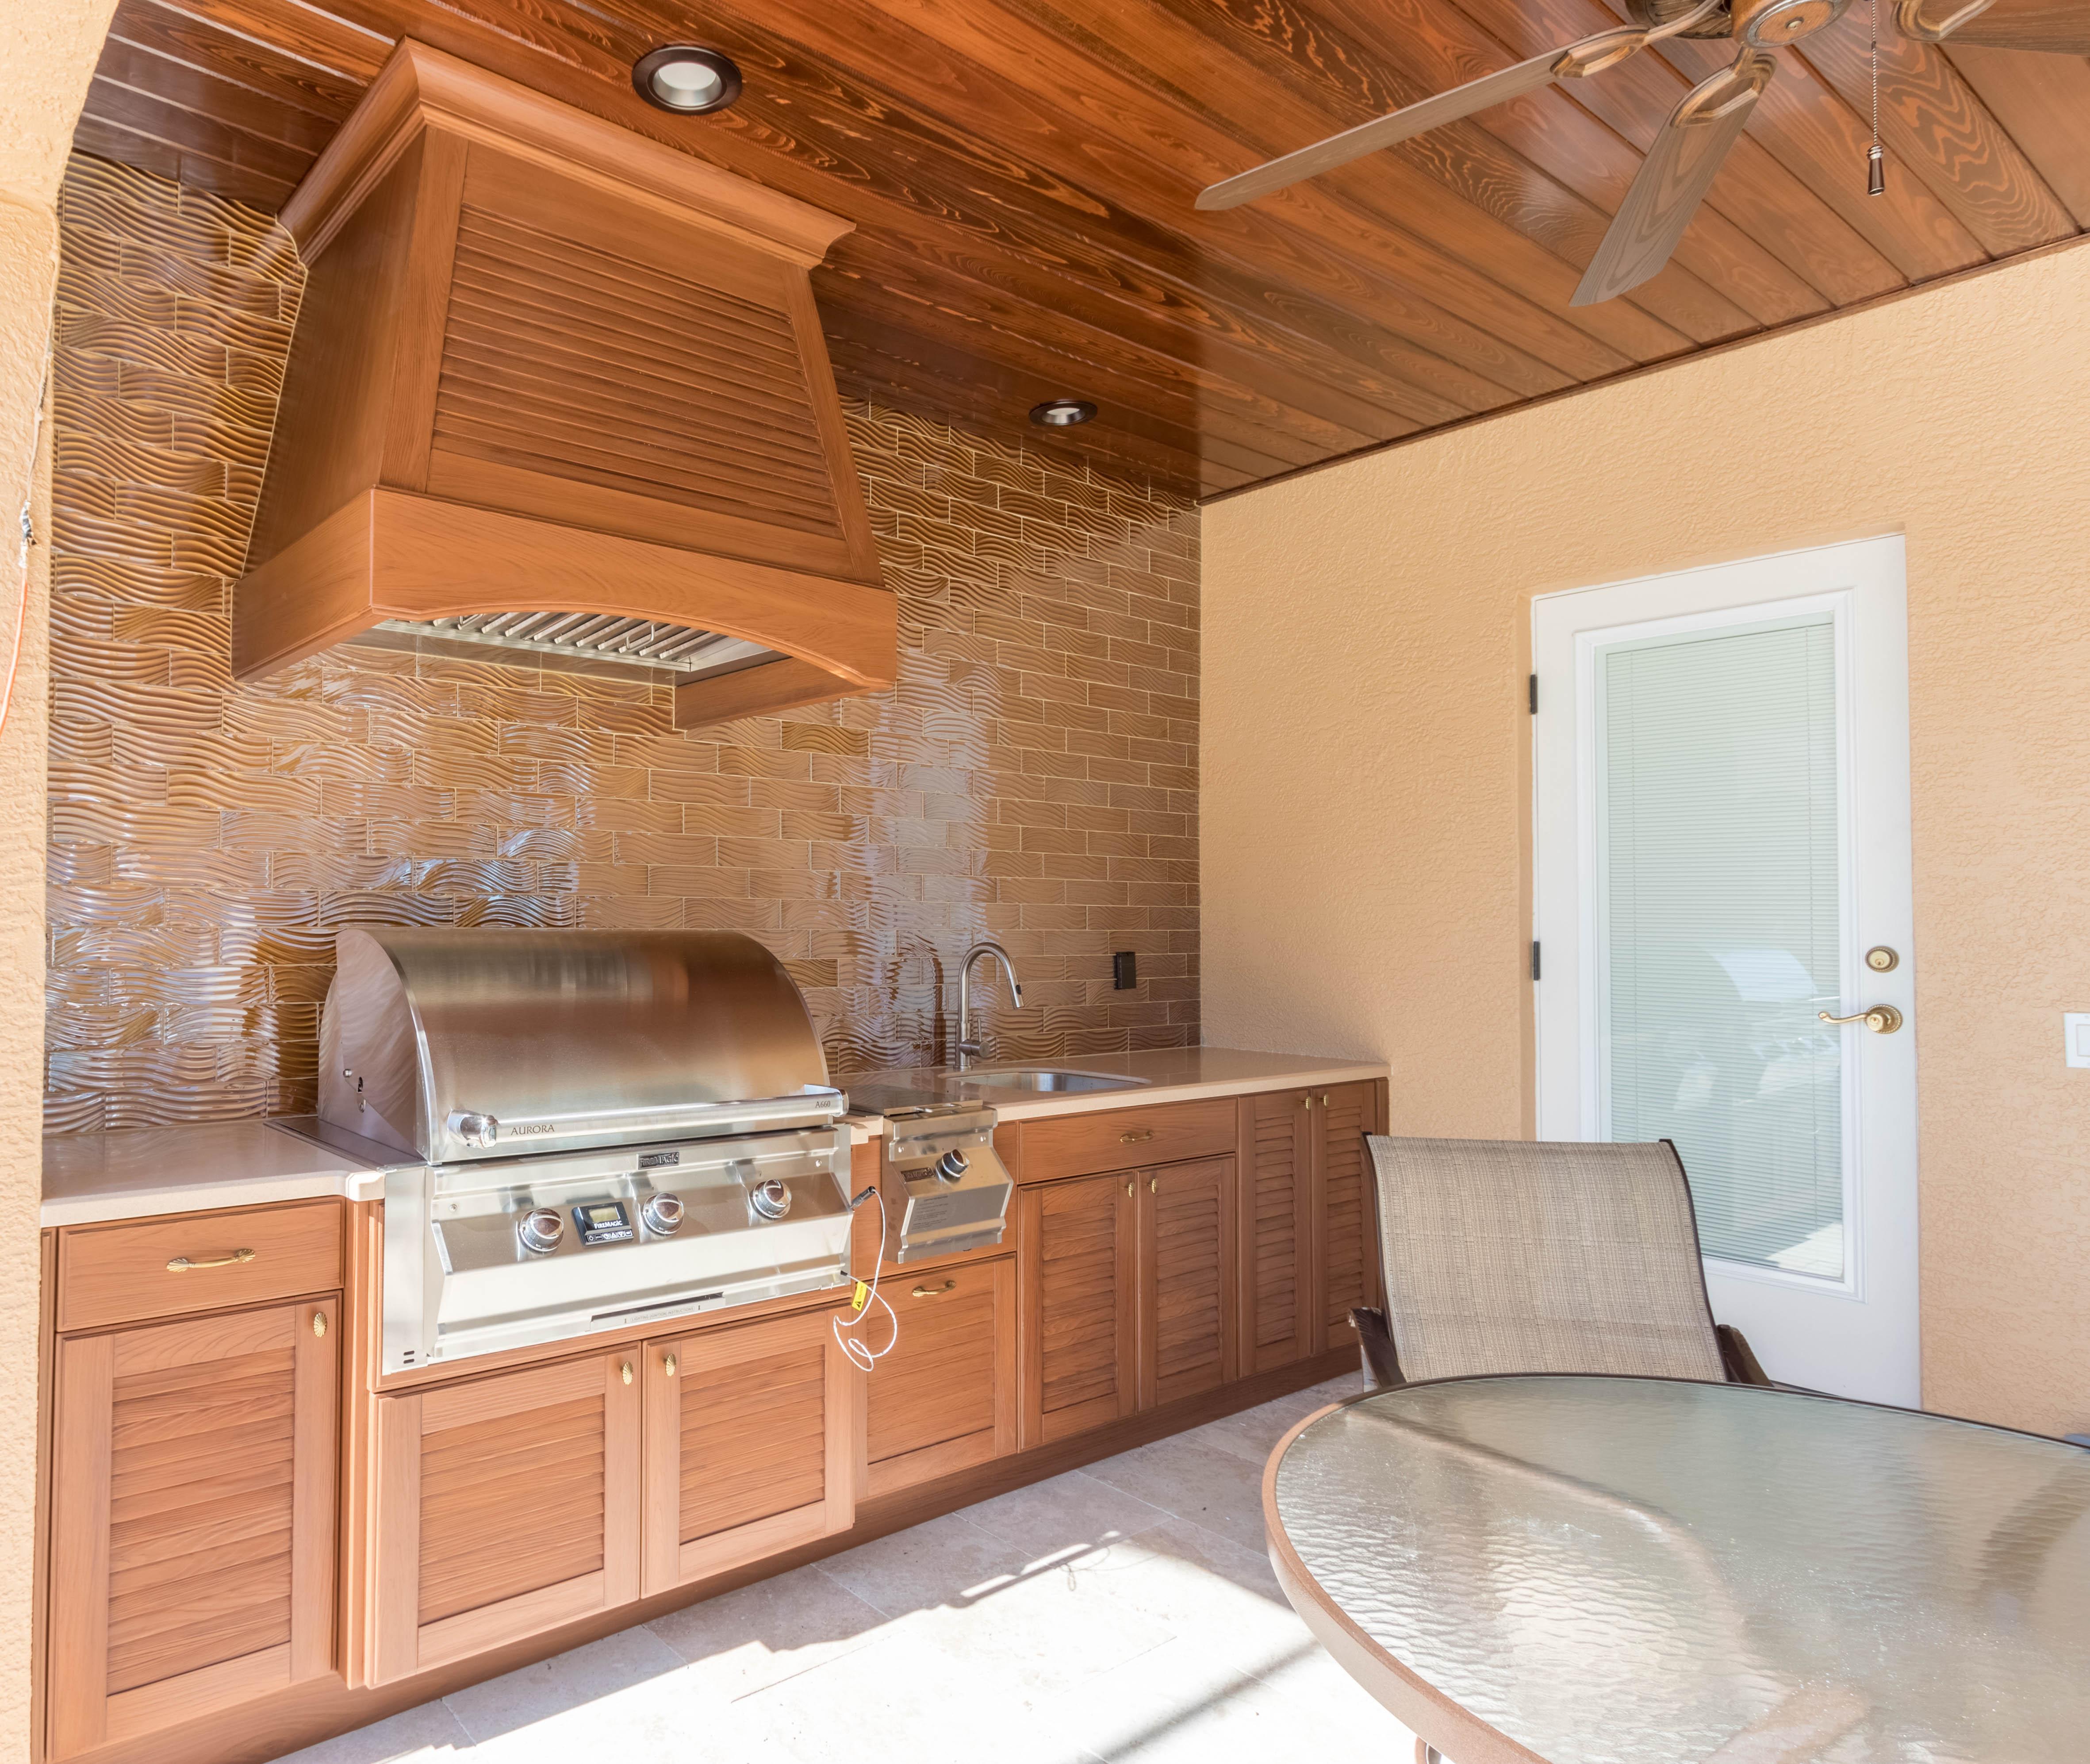 Mcgregor Naturekast Cabinet Genies Kitchen And Bathroom Remodeling Cape Coral Fl